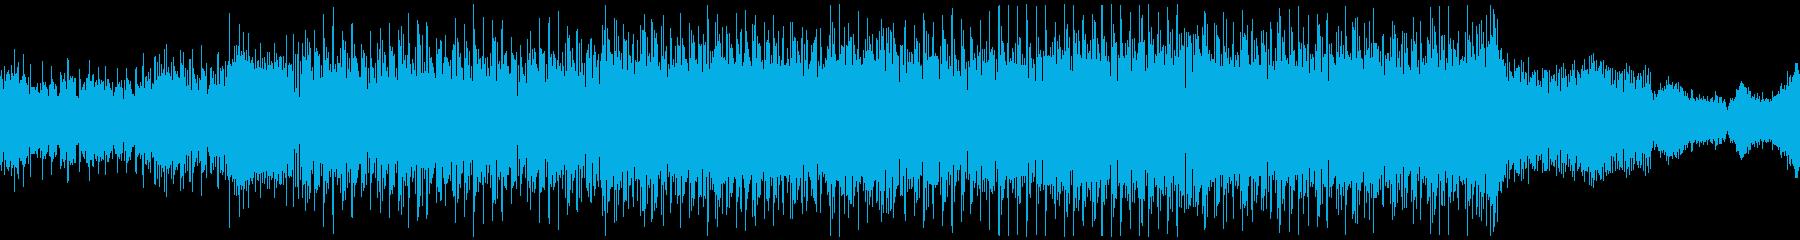 未来的なドラムンベースの再生済みの波形